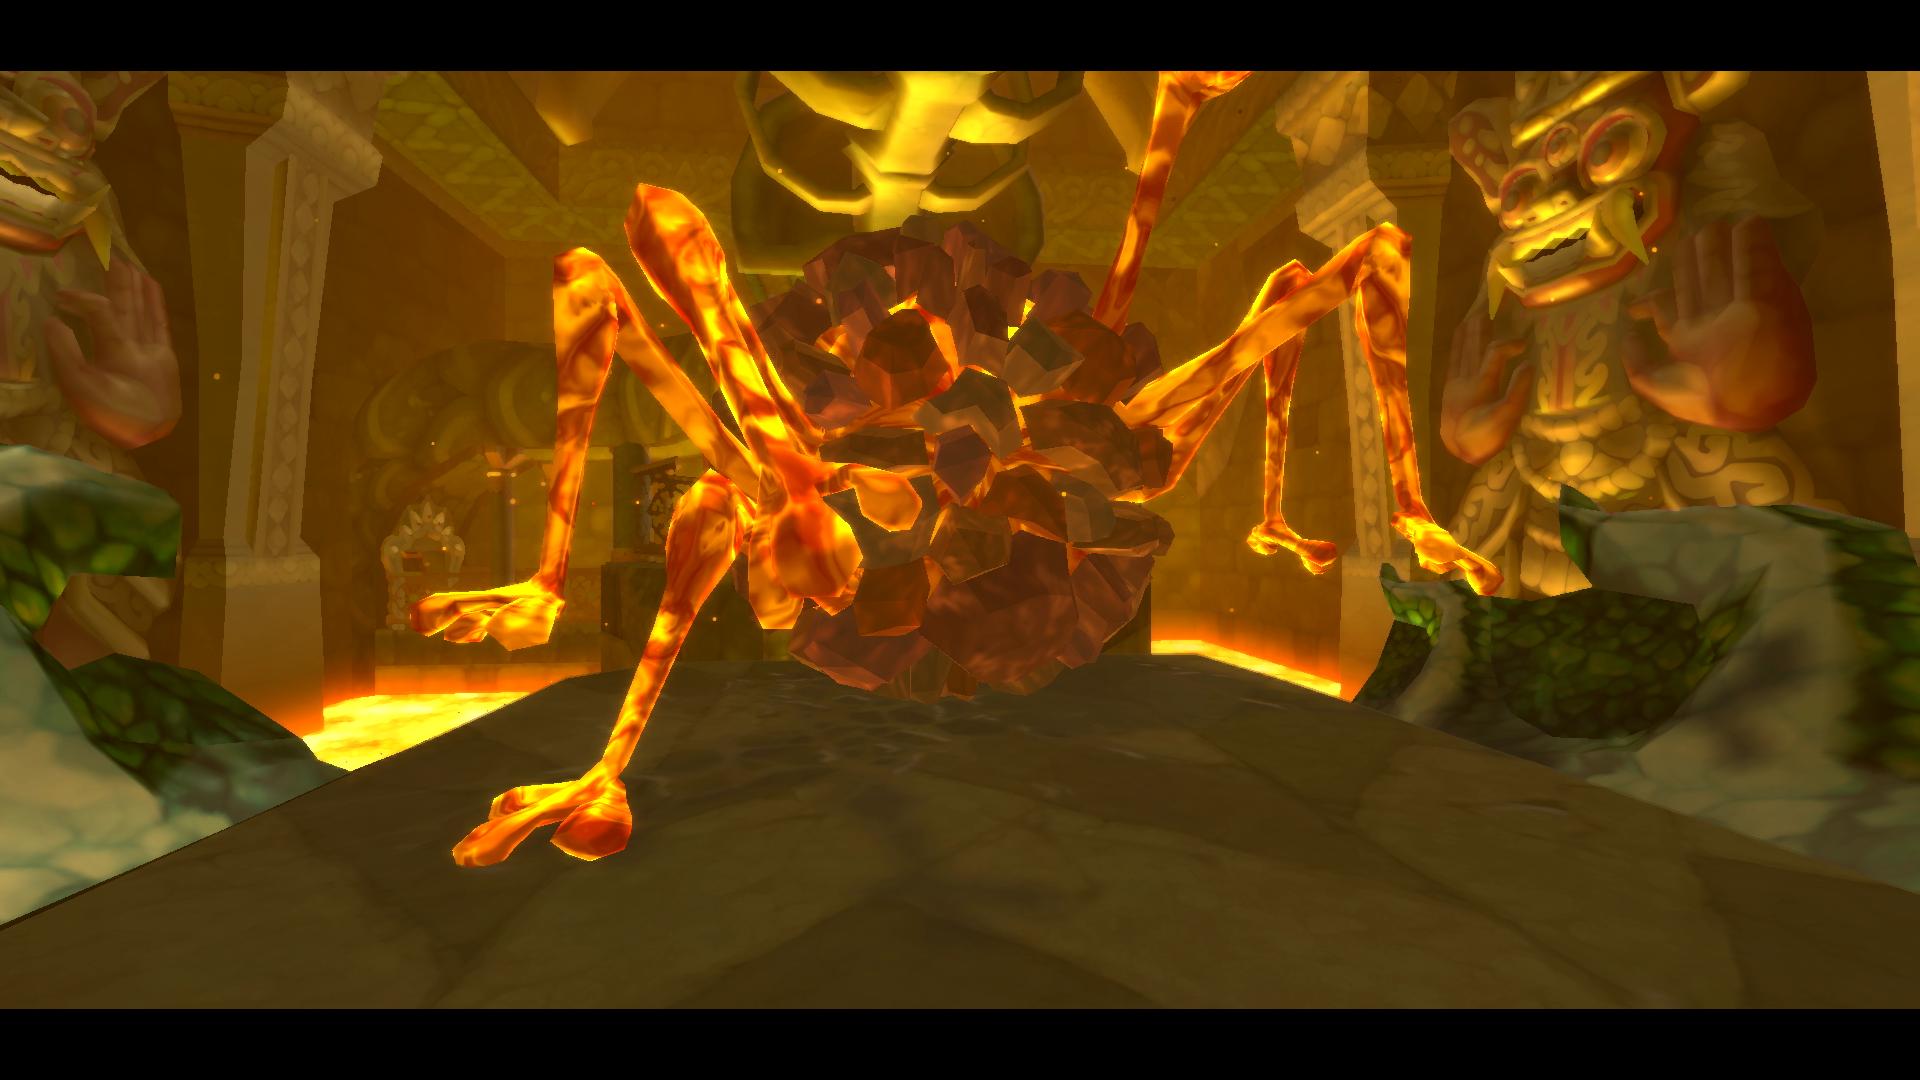 Pyroclastic Fiend Scaldera from The Legend of Zelda: Skyward Sword HD